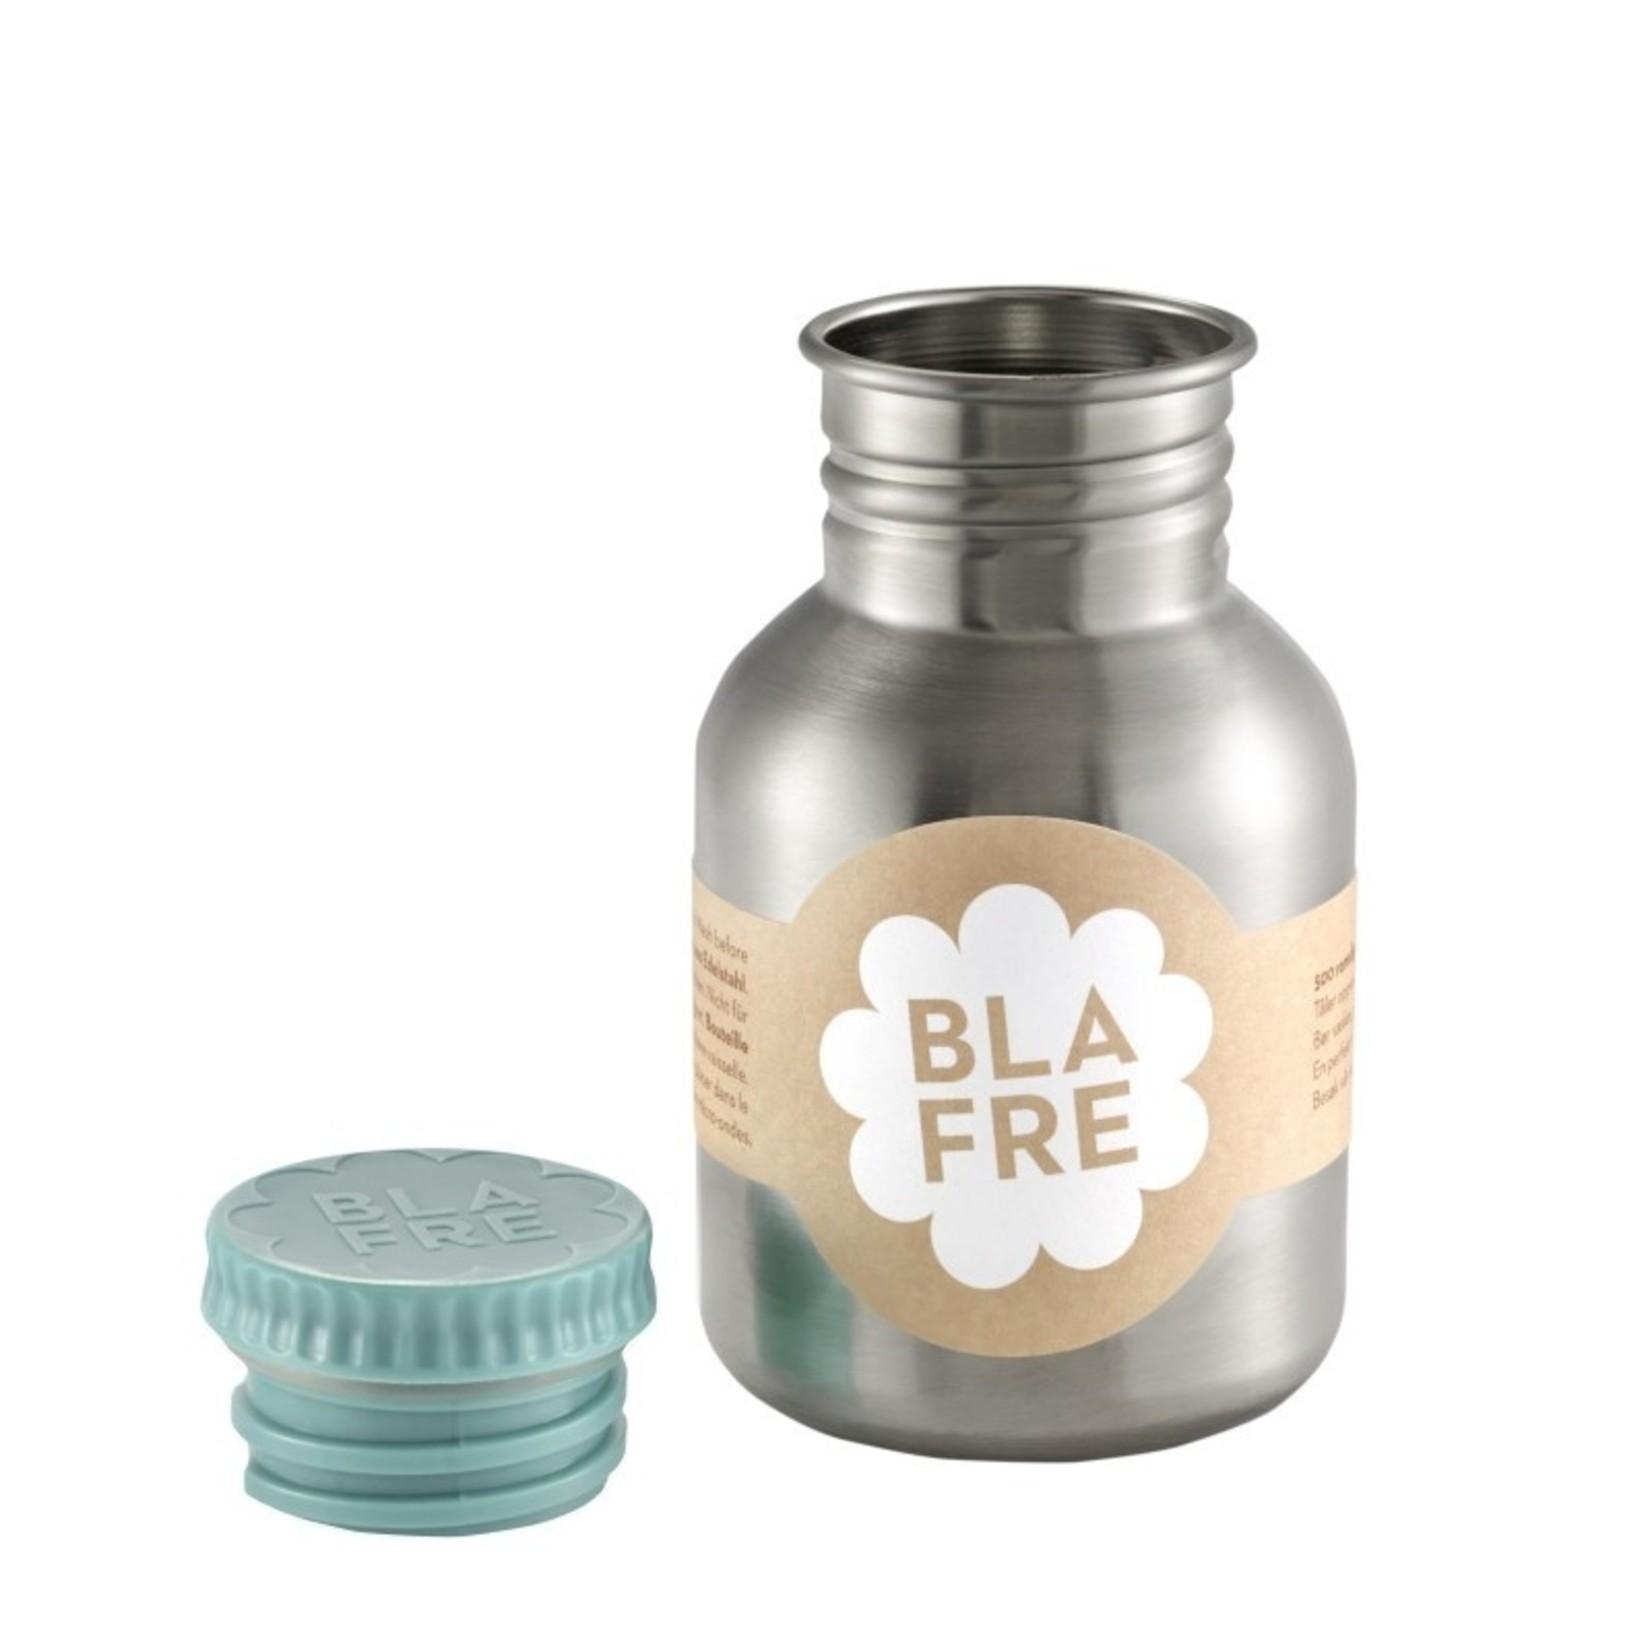 BLAFRE Edelstahltrinkflasche für Kinder von Blafre in blau